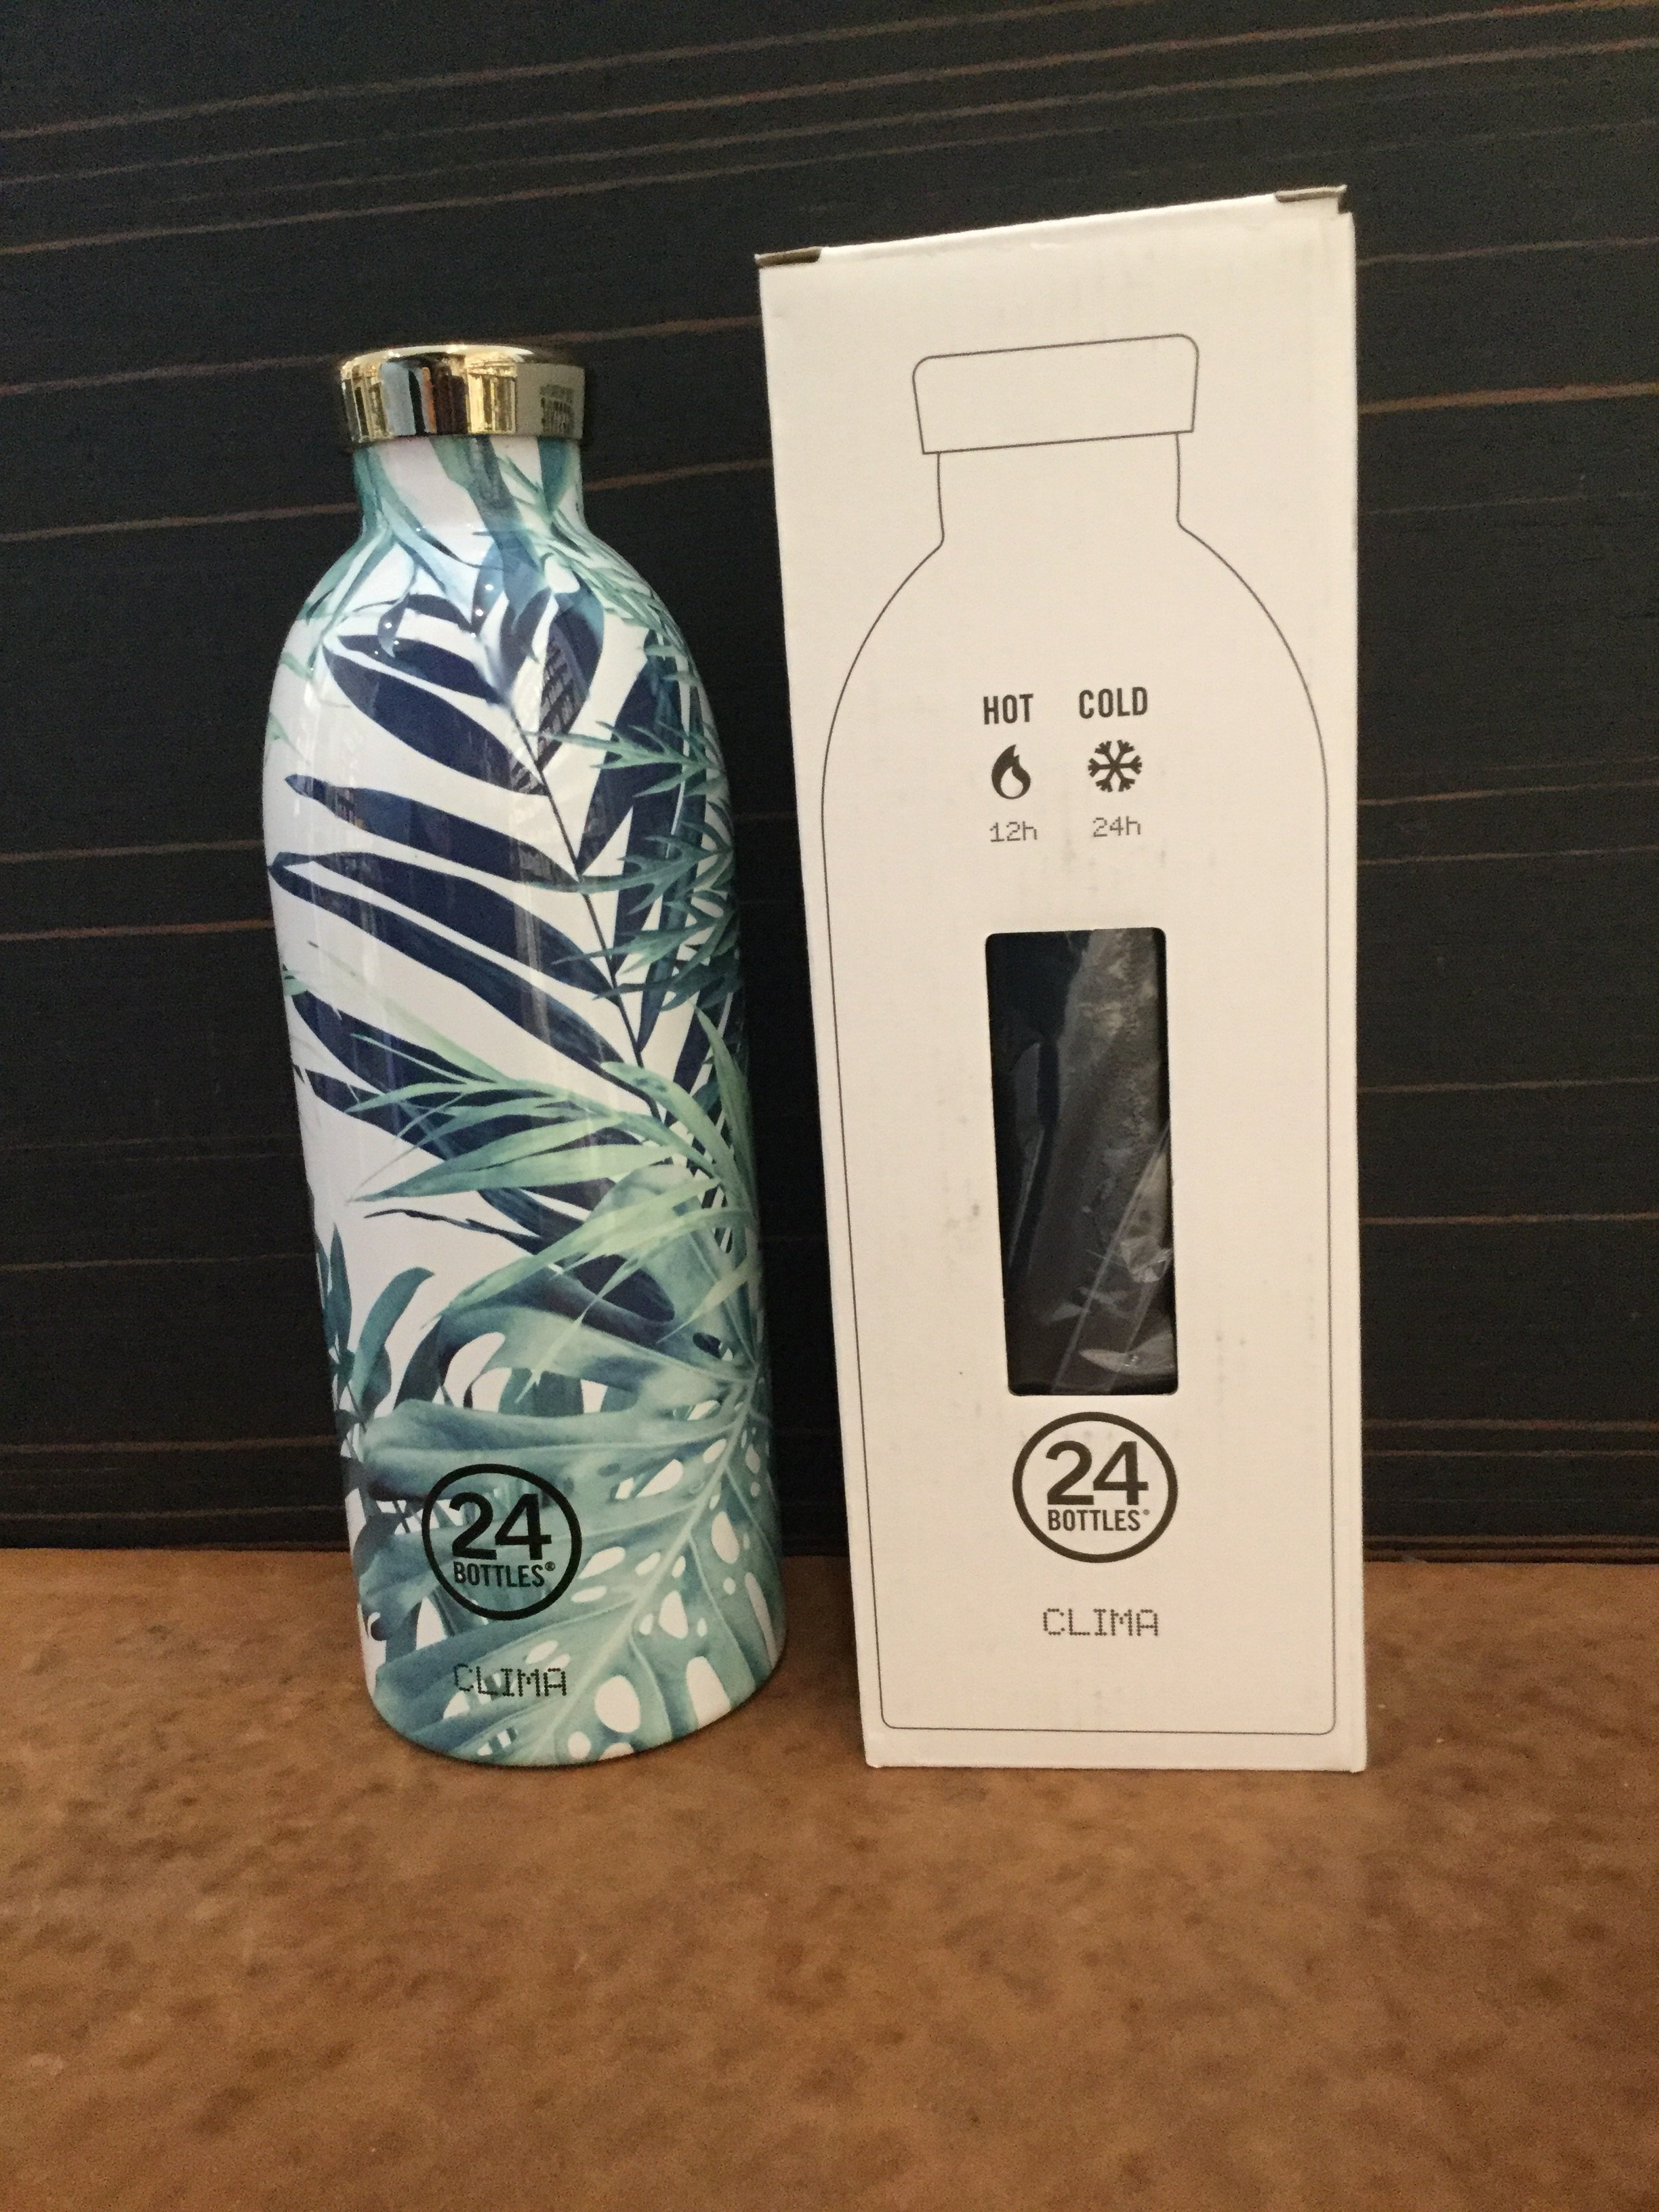 24 bottles